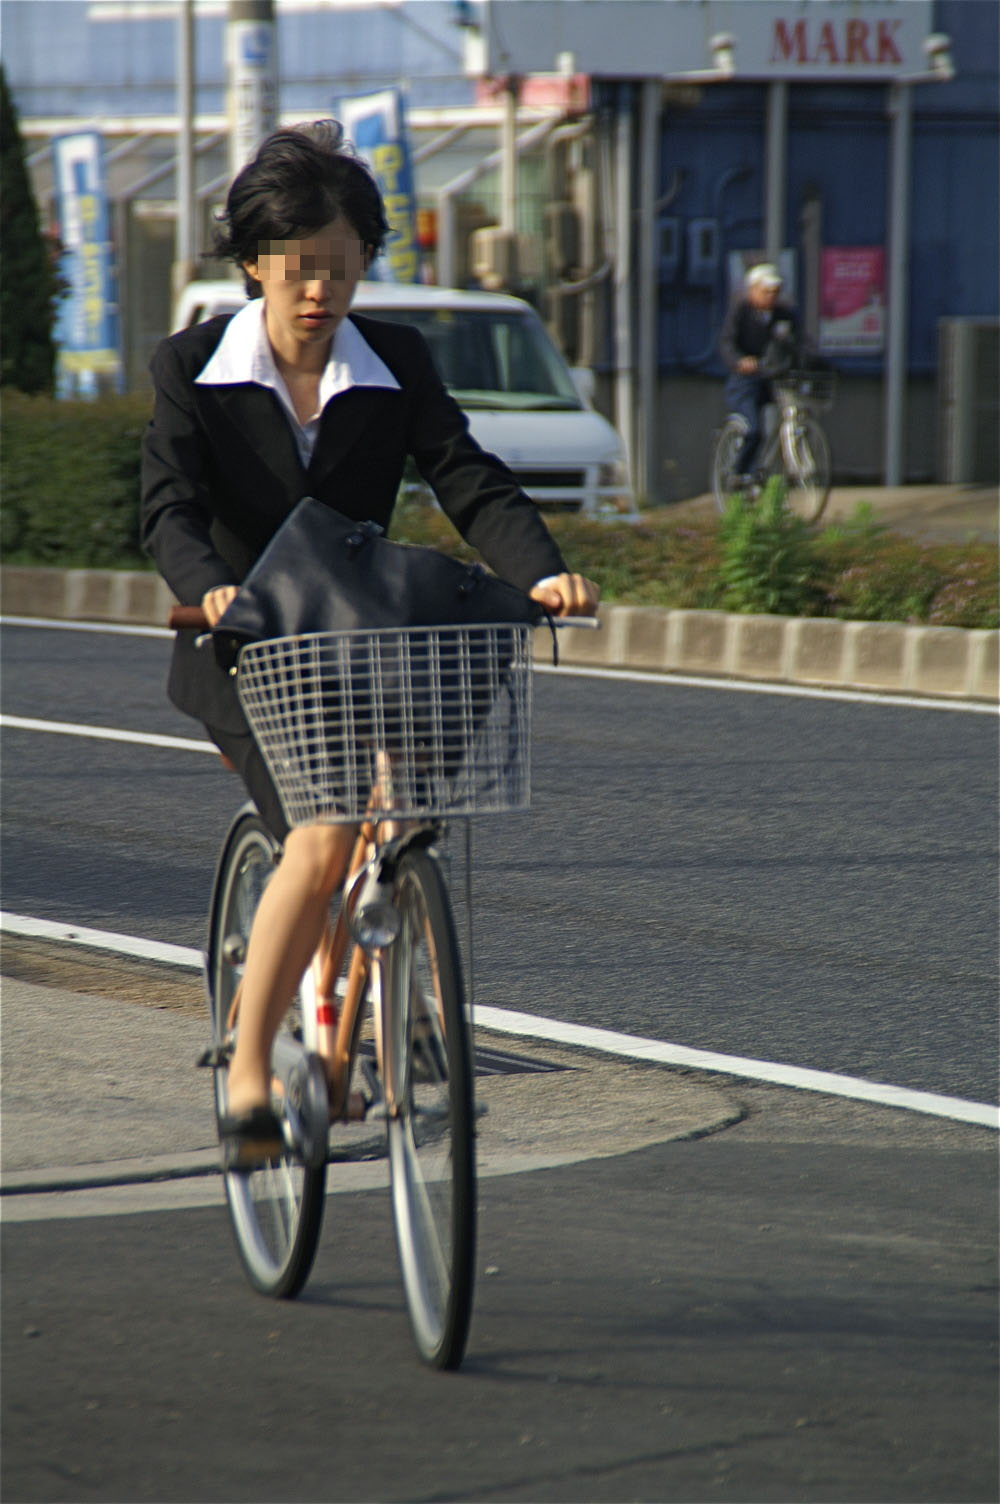 OL_自転車_タイトスカート_盗撮_エロ画像_04